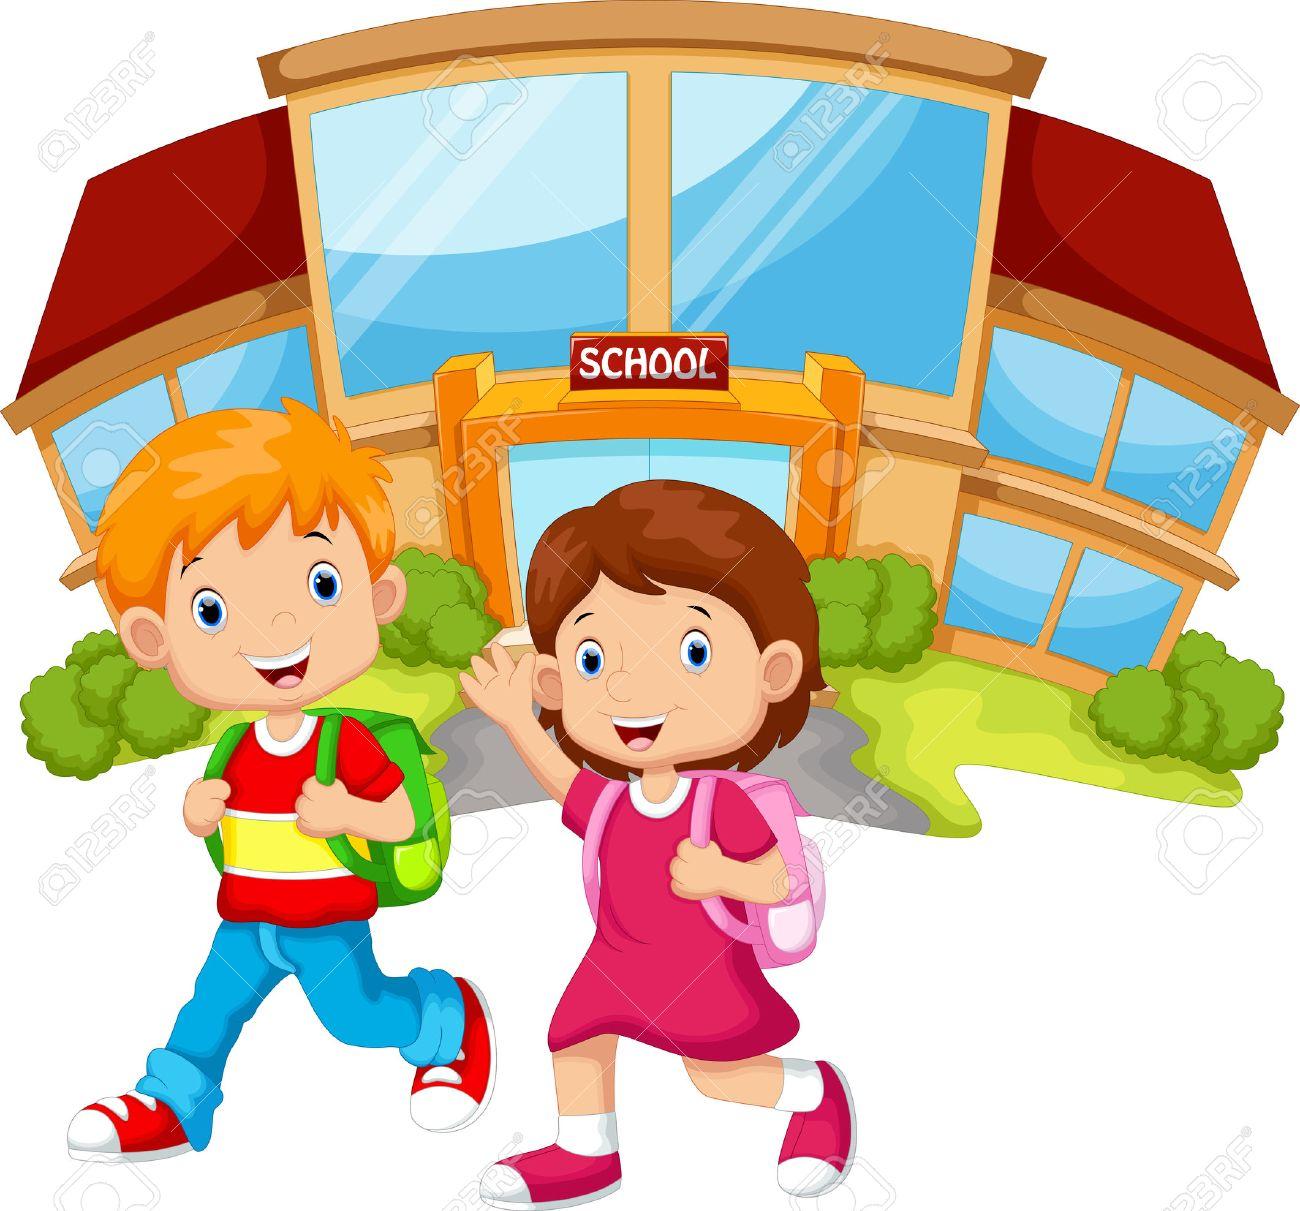 school children walking in front of the school building - 44628691